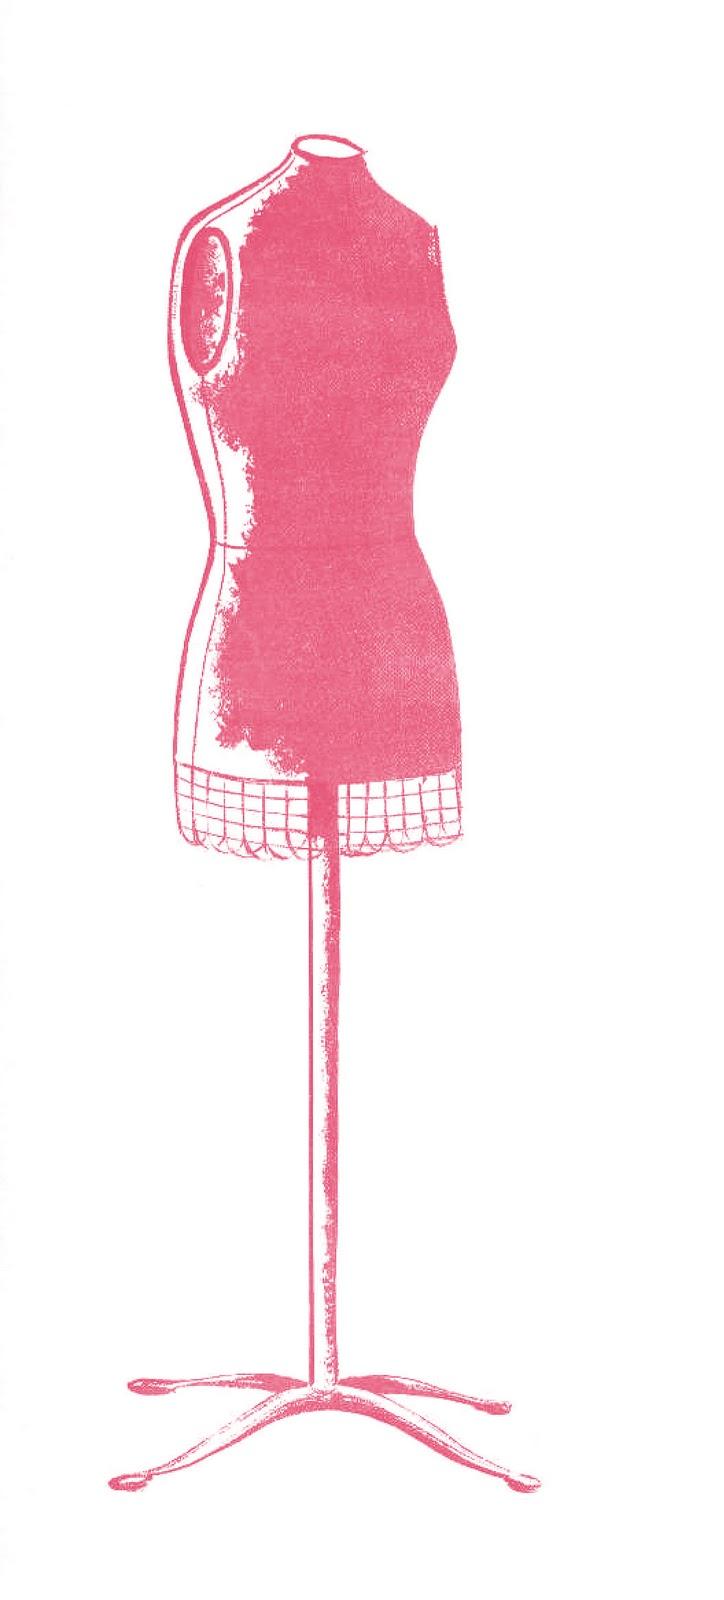 724x1600 Dress Form Free Clipart